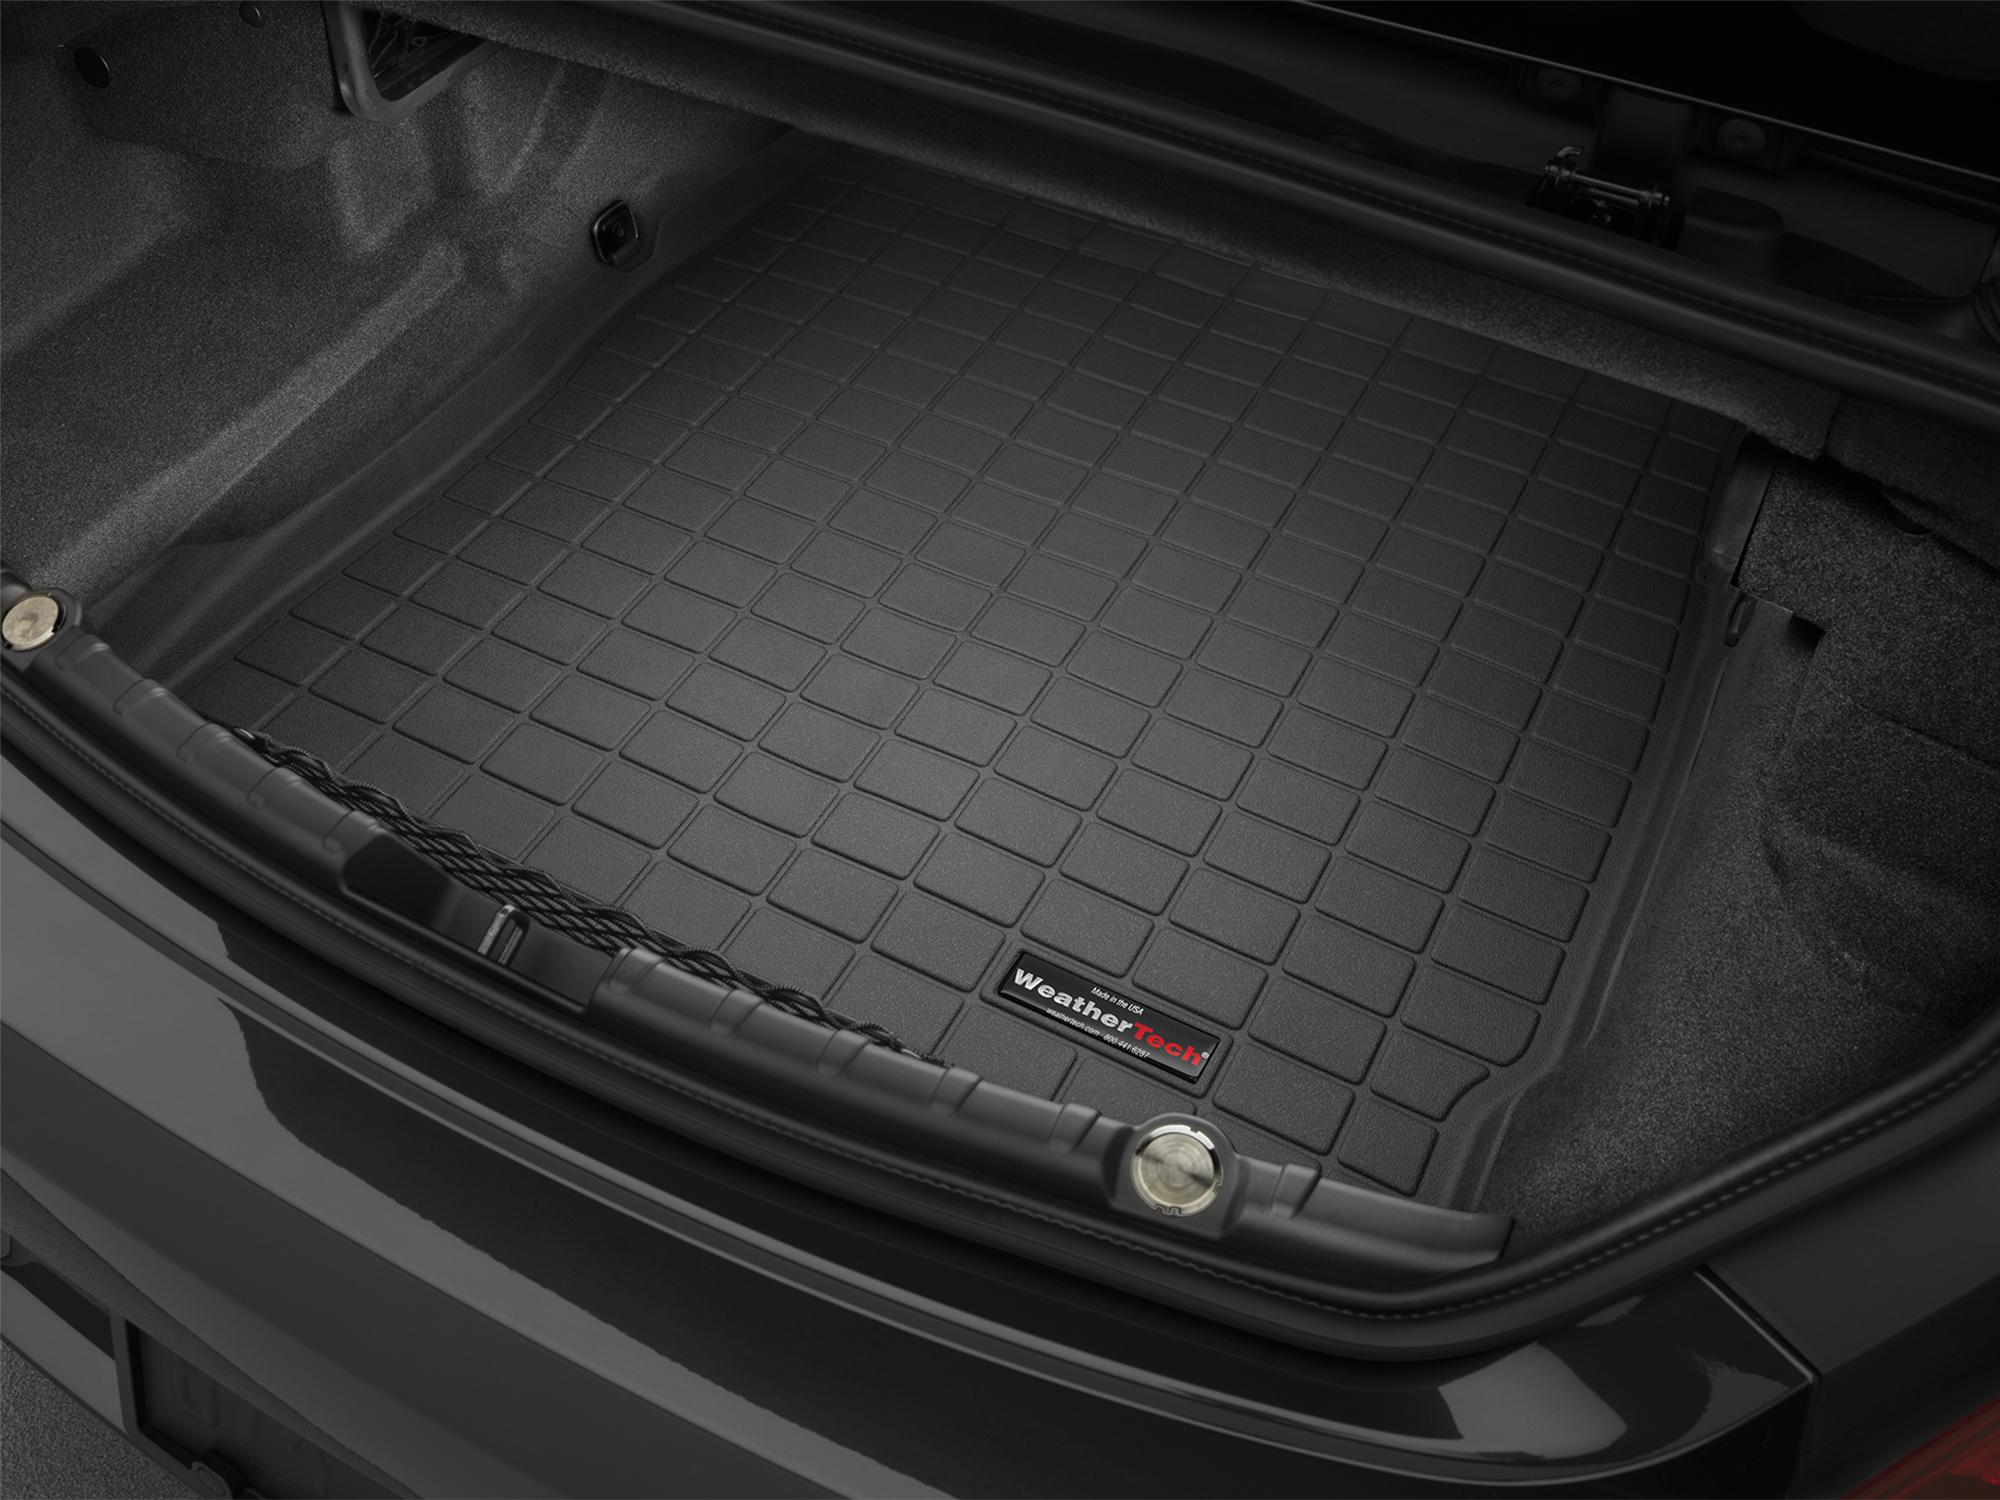 Trc Tuning Corporations Germany E K Toyota Lexus Mazda Tesla Tuning Developments Trc Performance Weathertech Kofferraum Bmw M6 F12 F13 F06 Schwarz